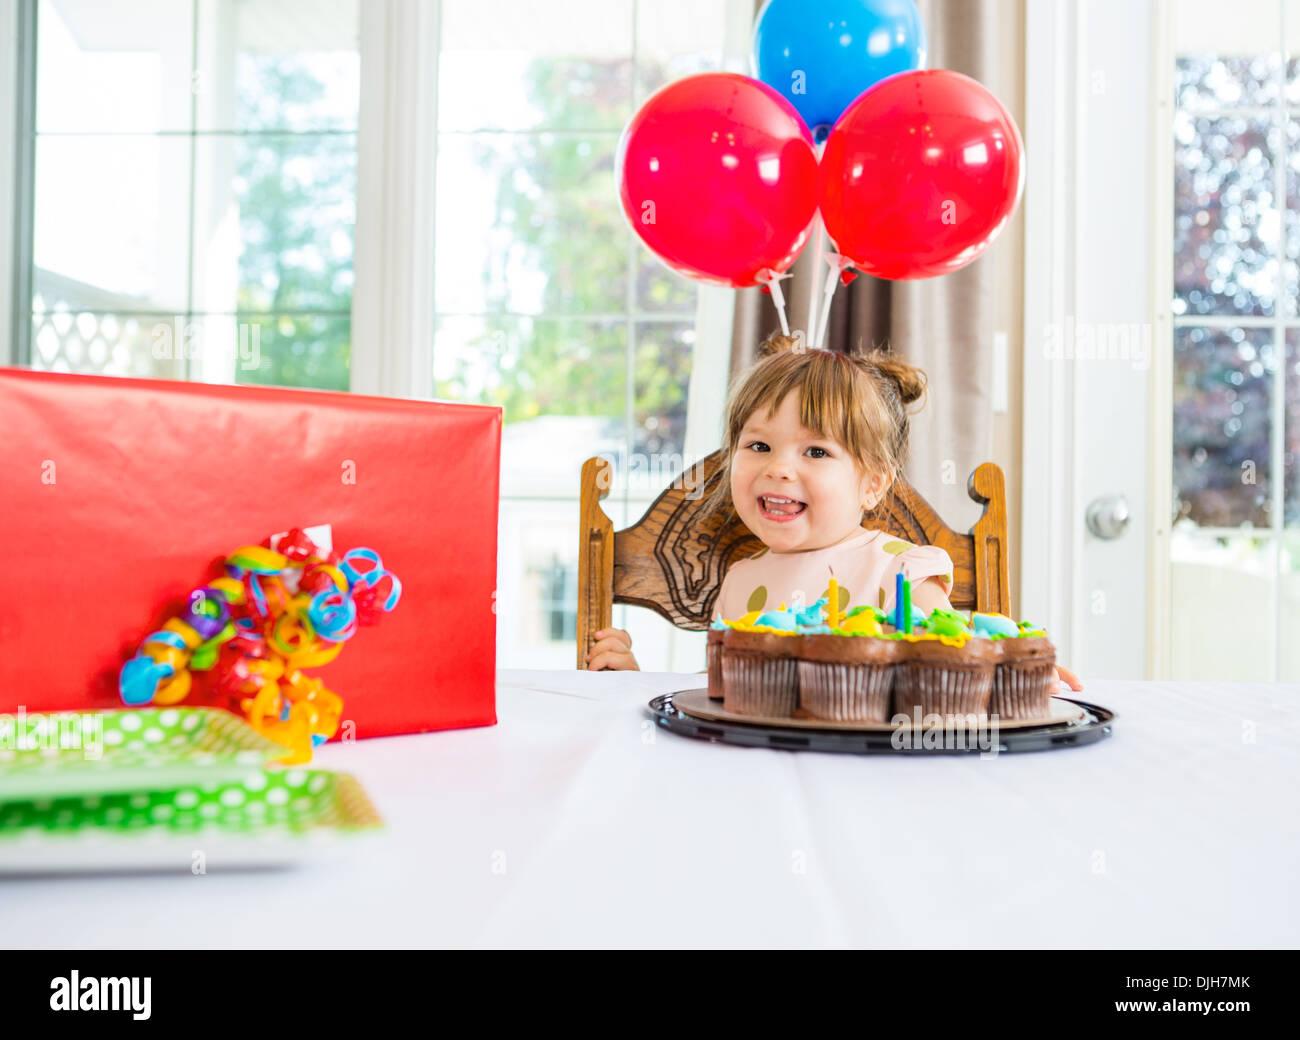 Geburtstagskind mit Kuchen und Gegenwart auf Tisch Stockbild